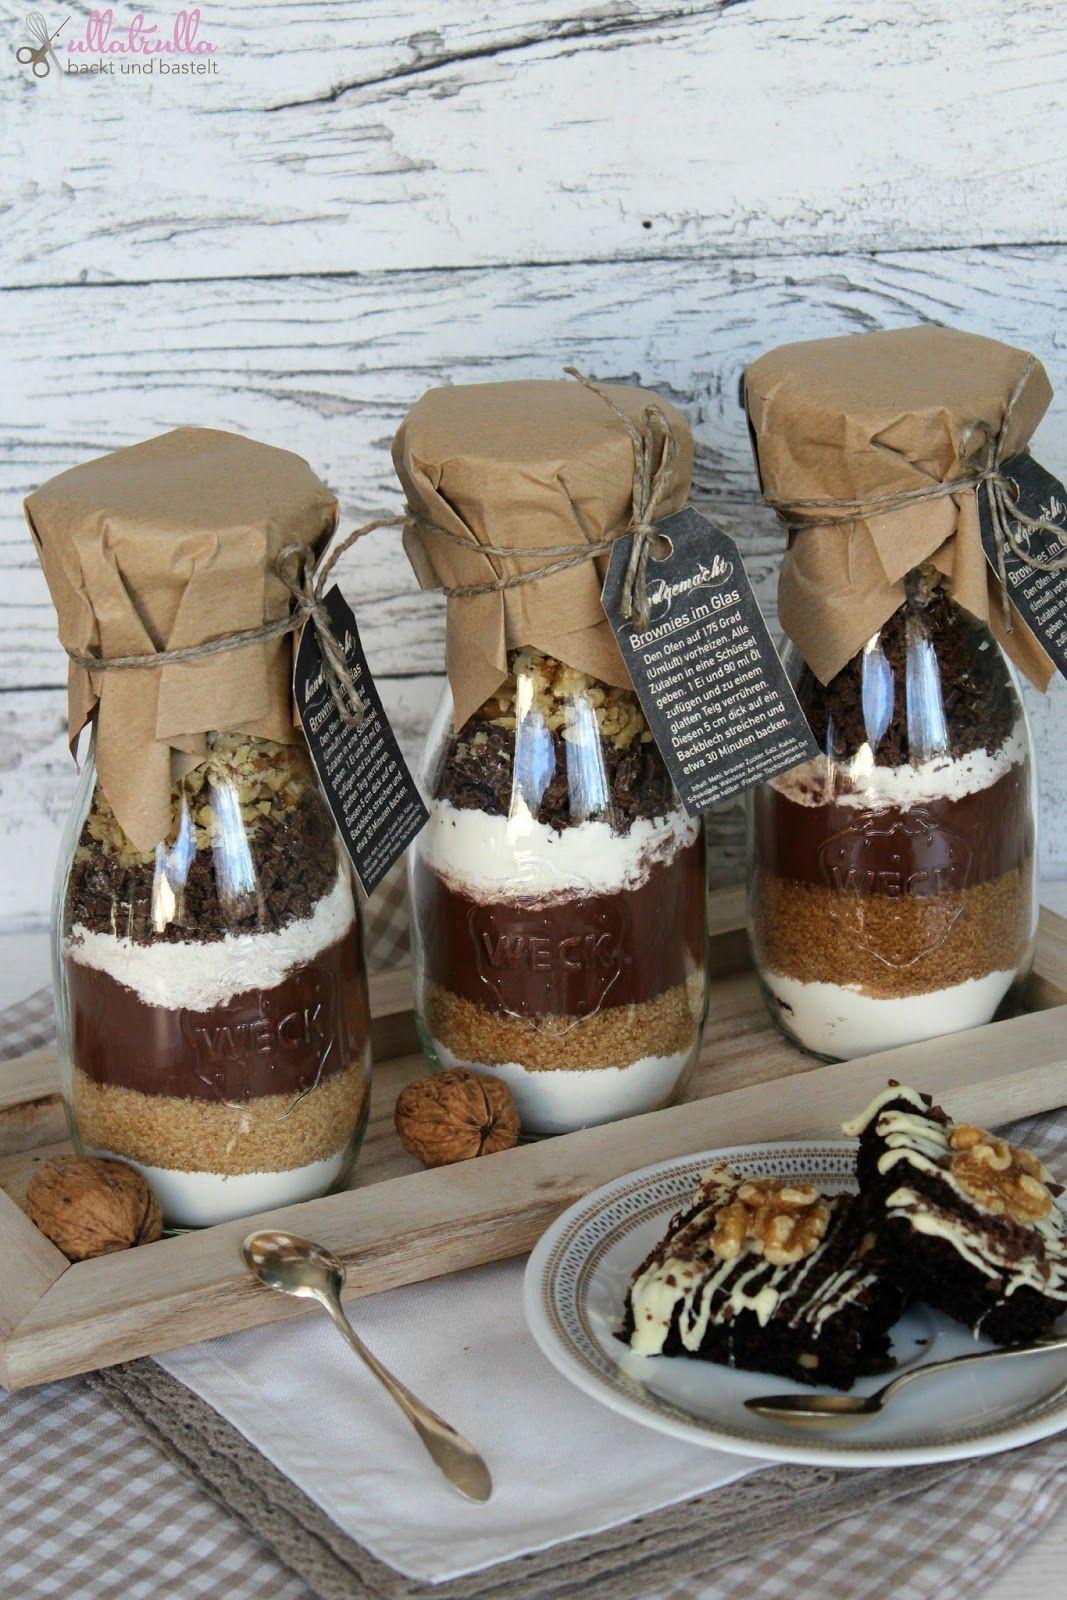 Mitbringsel aus der küche  ullatrulla backt und bastelt: Geschenke aus der Küche ...